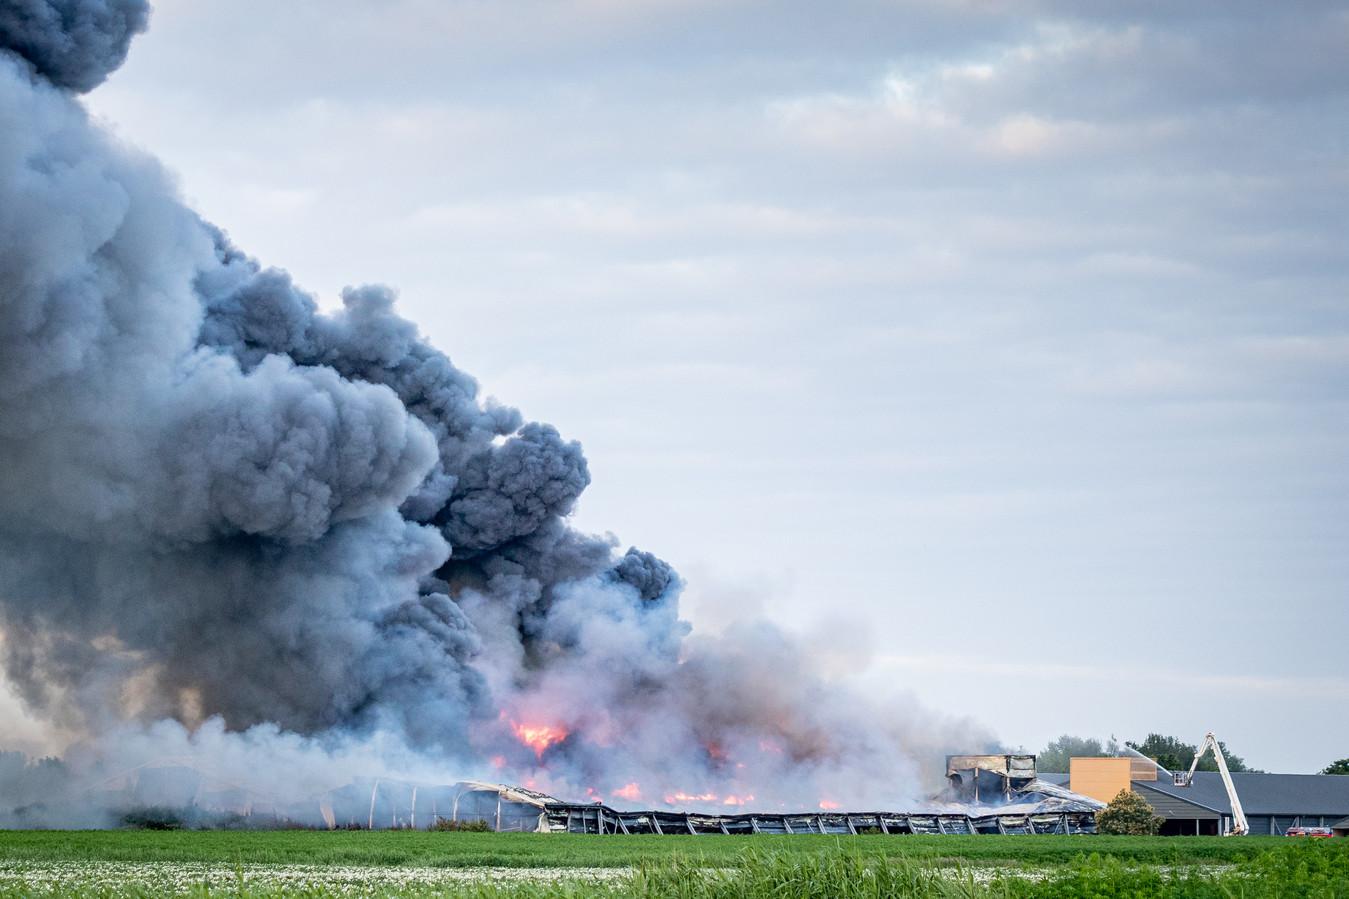 Bij de brand in Kiel-Windeweer kwamen ruim 100.000 kippen om het leven.